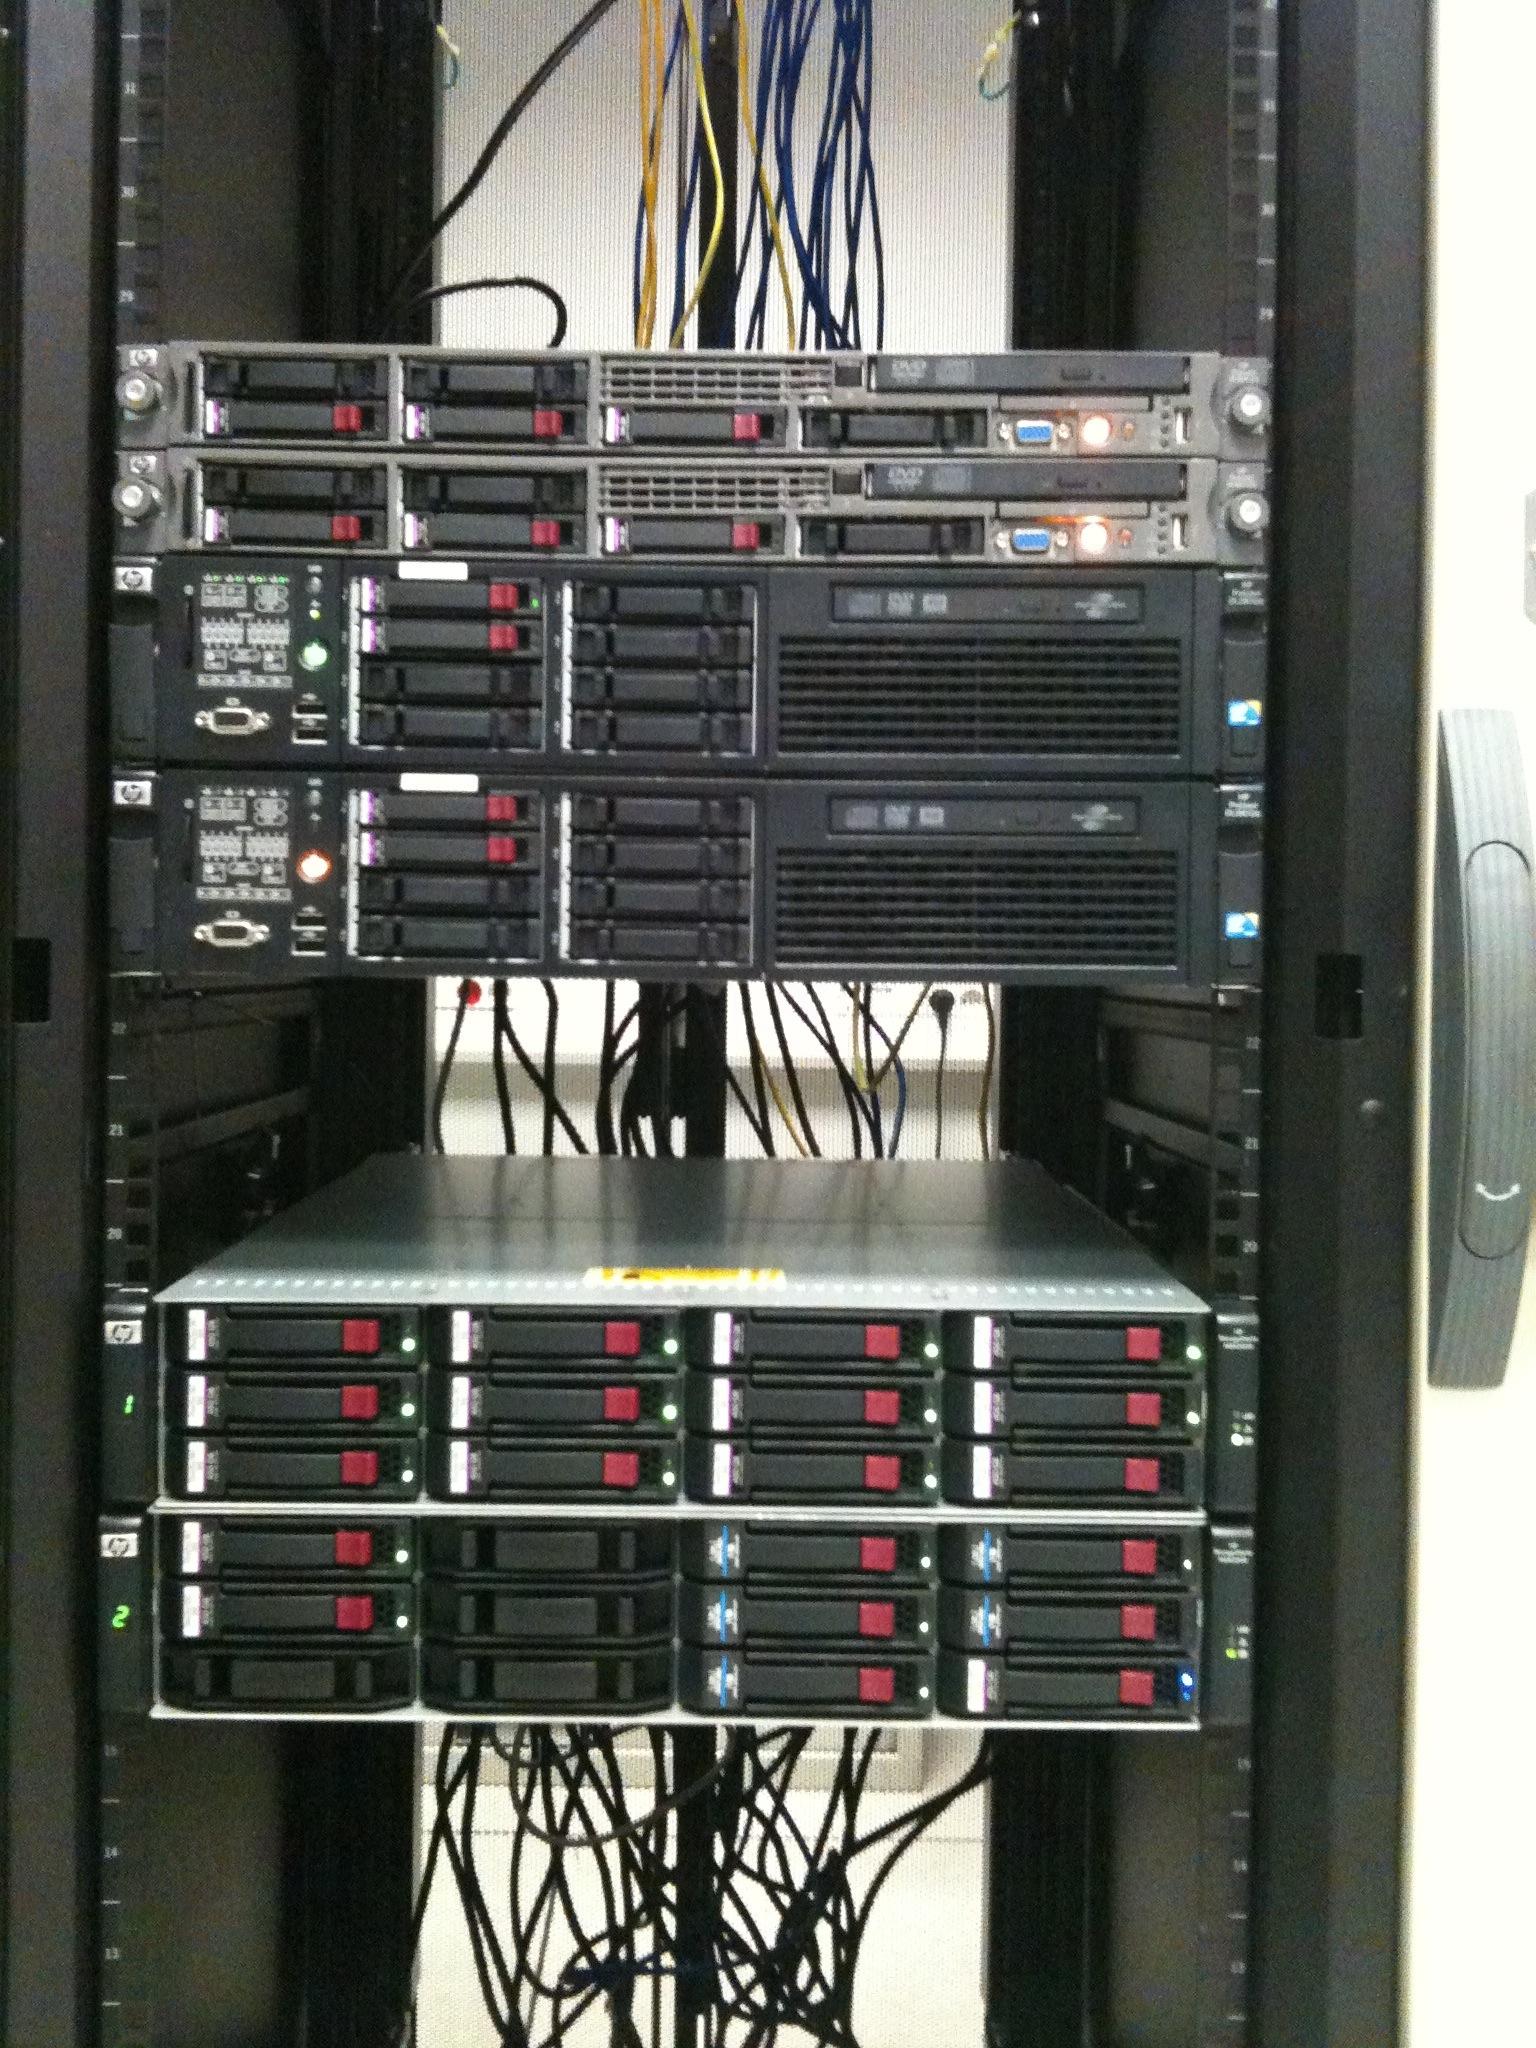 سرور اچ پي, نمايندگي hp شيراز, دايا سرور تهران, نماينده سرور hp, نمايندگي hp در شيراز, سرور هاي Hp, نماينده فروش سرورهاي اچ پيHP,فروش سرور ,اچ پيفروش سرور ,HPServer ,HPسرور ,اچ پيHewlett Packard,هيولت پاکارد,قيمت ,سرور اچ پي,قيمت سرور HP,HP ProLiant ,ServerHP ,ProLiant Server, ML350p ,G9,HP ,StoreEver, LTO-6 ,Ultrium, 6250 External, ,EH970A, HP, SAN ,Switch, N3000B 16Gb 24(12) ,port Active ,QW937AHP ,Server ,ProLiant DL380, G9,HP, , Server ProLiant DL360, G9,HP Server ProLiant DL160 G9,HP Server ProLiant DL180 G9,HP ,Storage, ,D3600, Disk ,EnclosuresHP ,Storage ,D3700 ,Disk, Enclosures,TFT, 7600, G2, AZ884A ,HP ProLiant ,Server DL380p, 25SFF, G8, HP, ProLiant ,